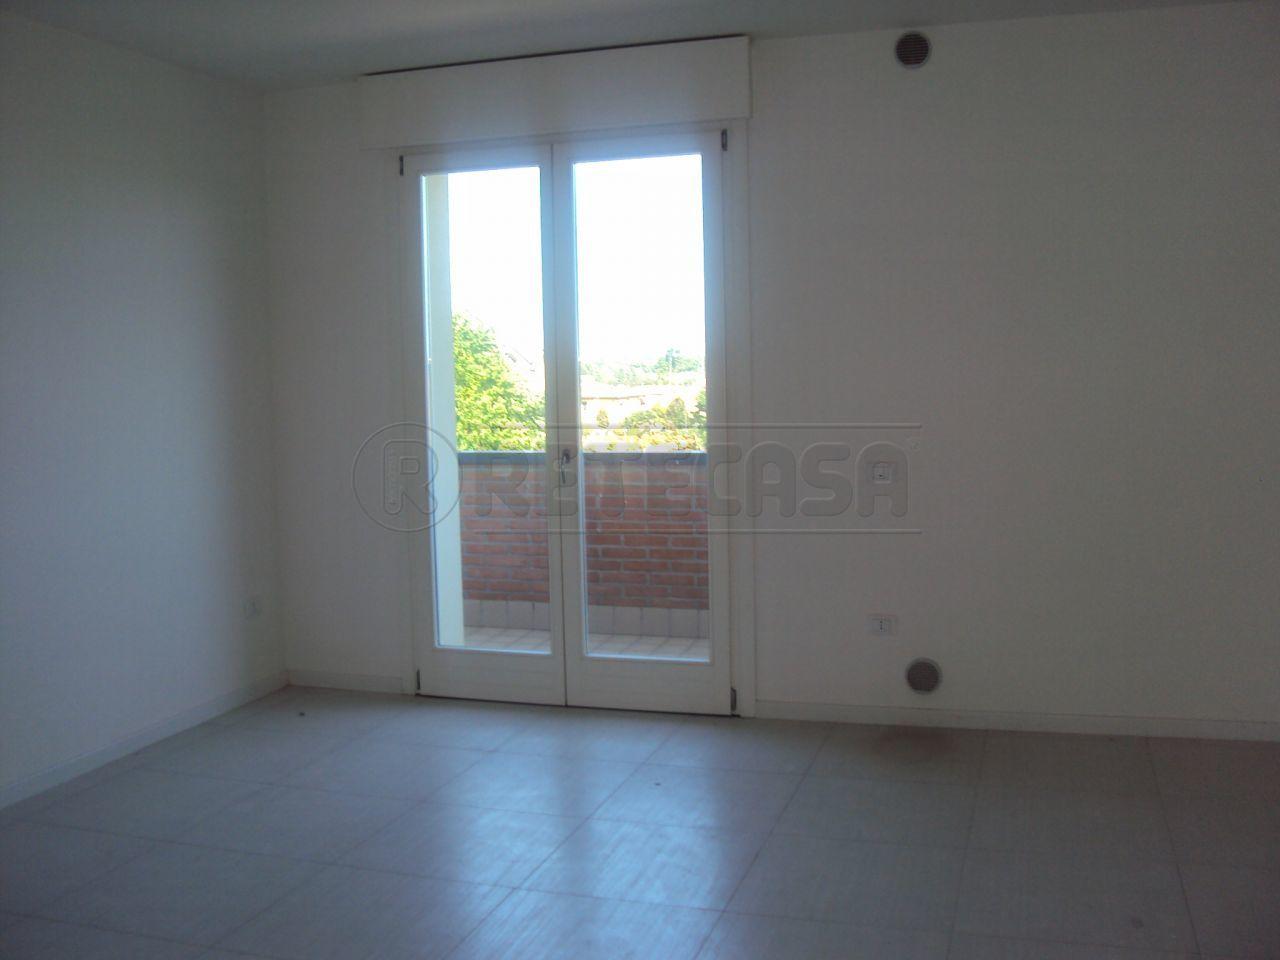 Appartamento in vendita a Campodarsego, 1 locali, prezzo € 150.000 | PortaleAgenzieImmobiliari.it